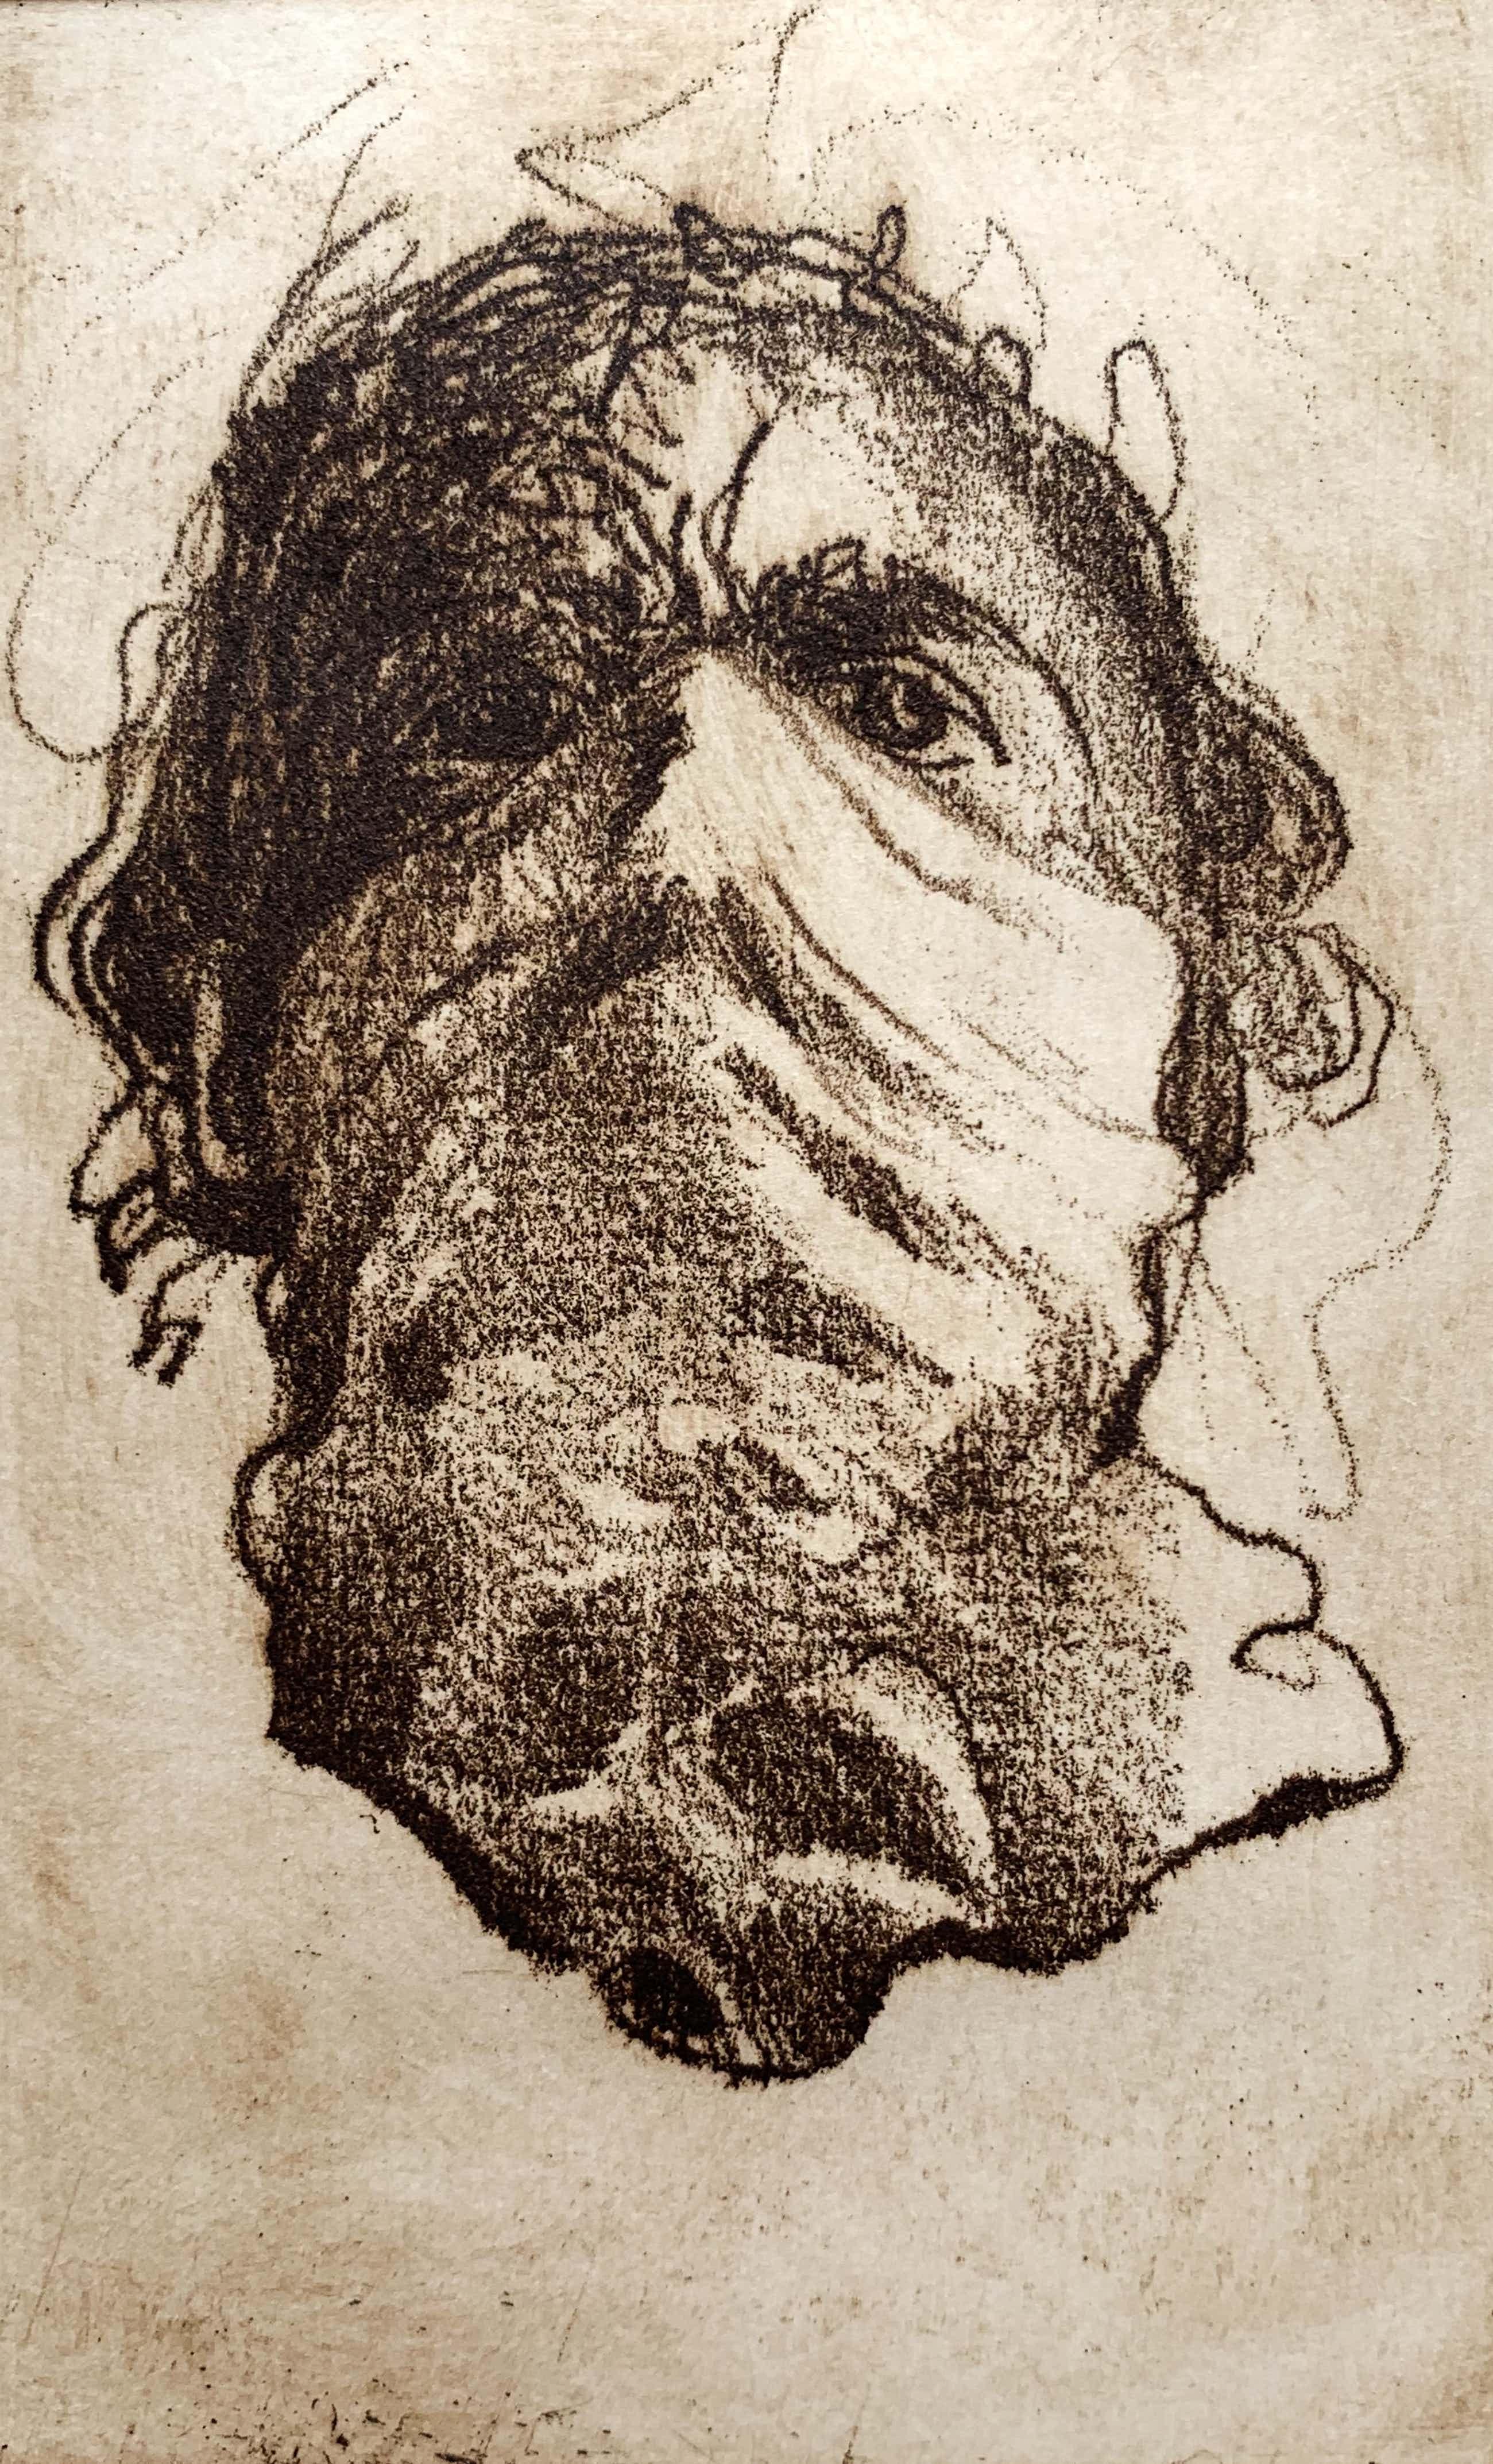 Ronald Tolman - handgesigneerde ets - 'Zelfportret met masker' - 1980 (ZEER KLEINE OPLAGE) kopen? Bied vanaf 160!